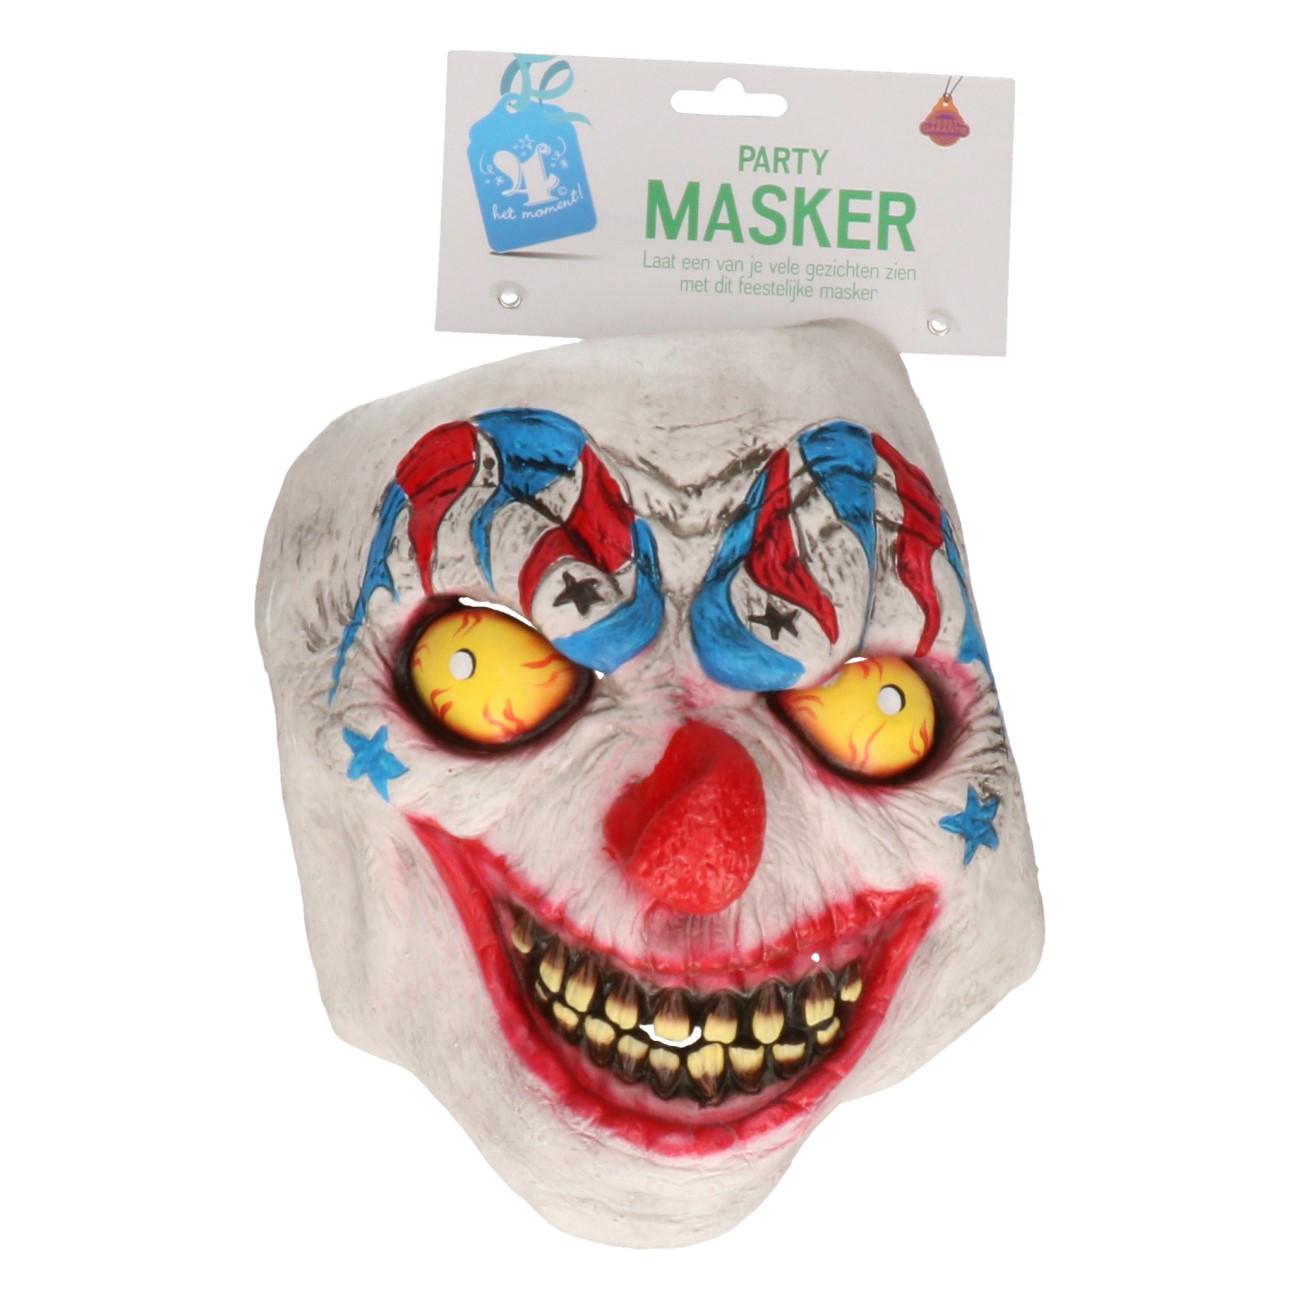 Masker clown #442